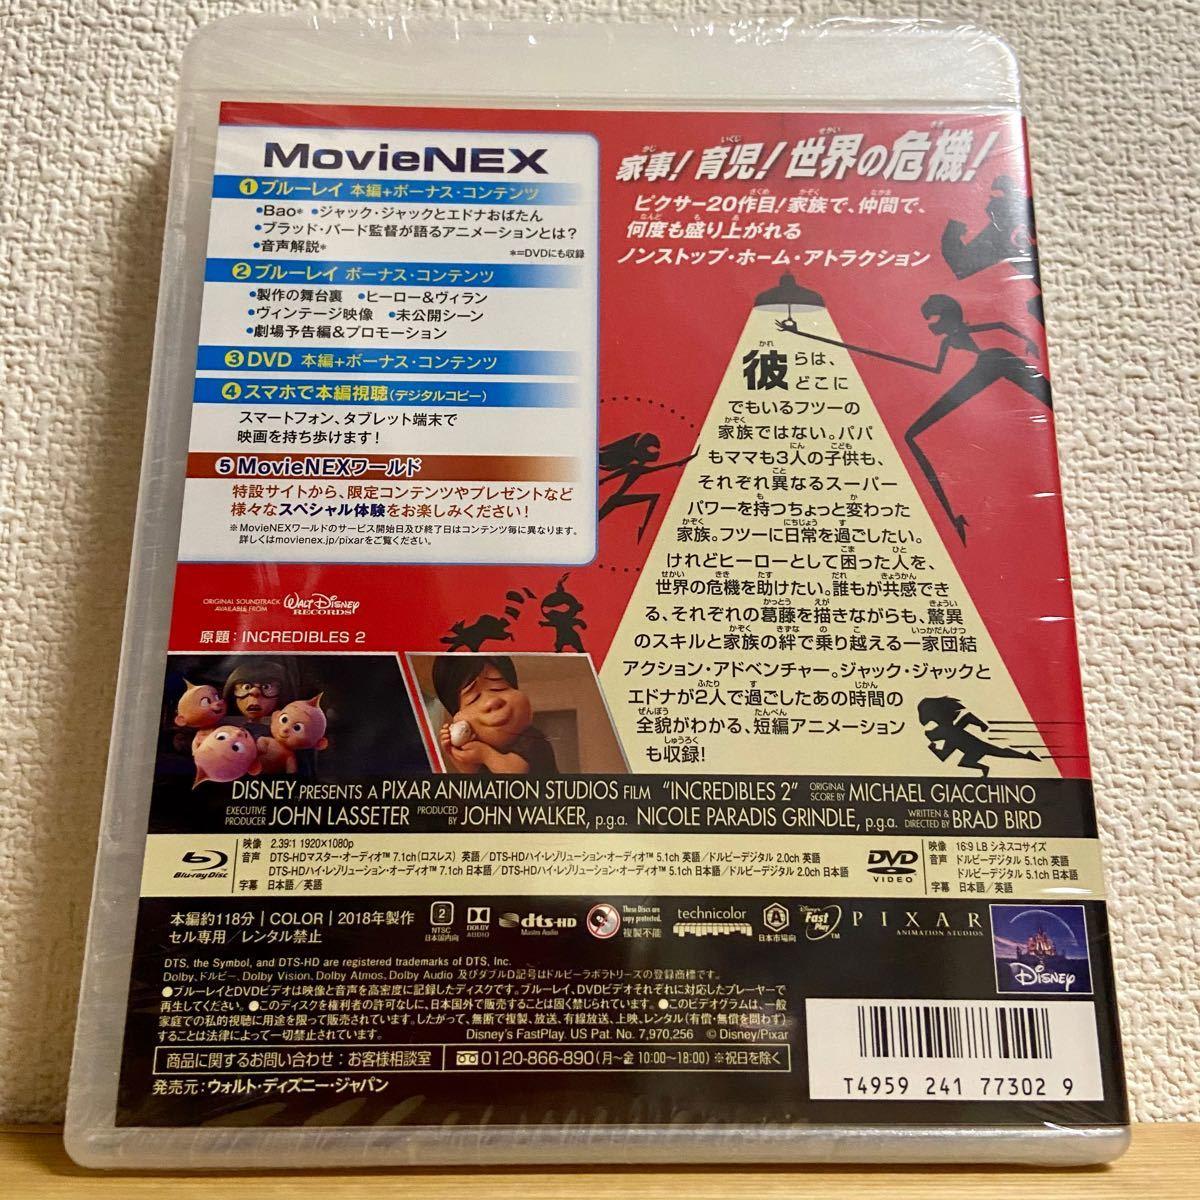 インクレディブルファミリー MovieNEX ブルーレイ+特典ディスク+純正ケース